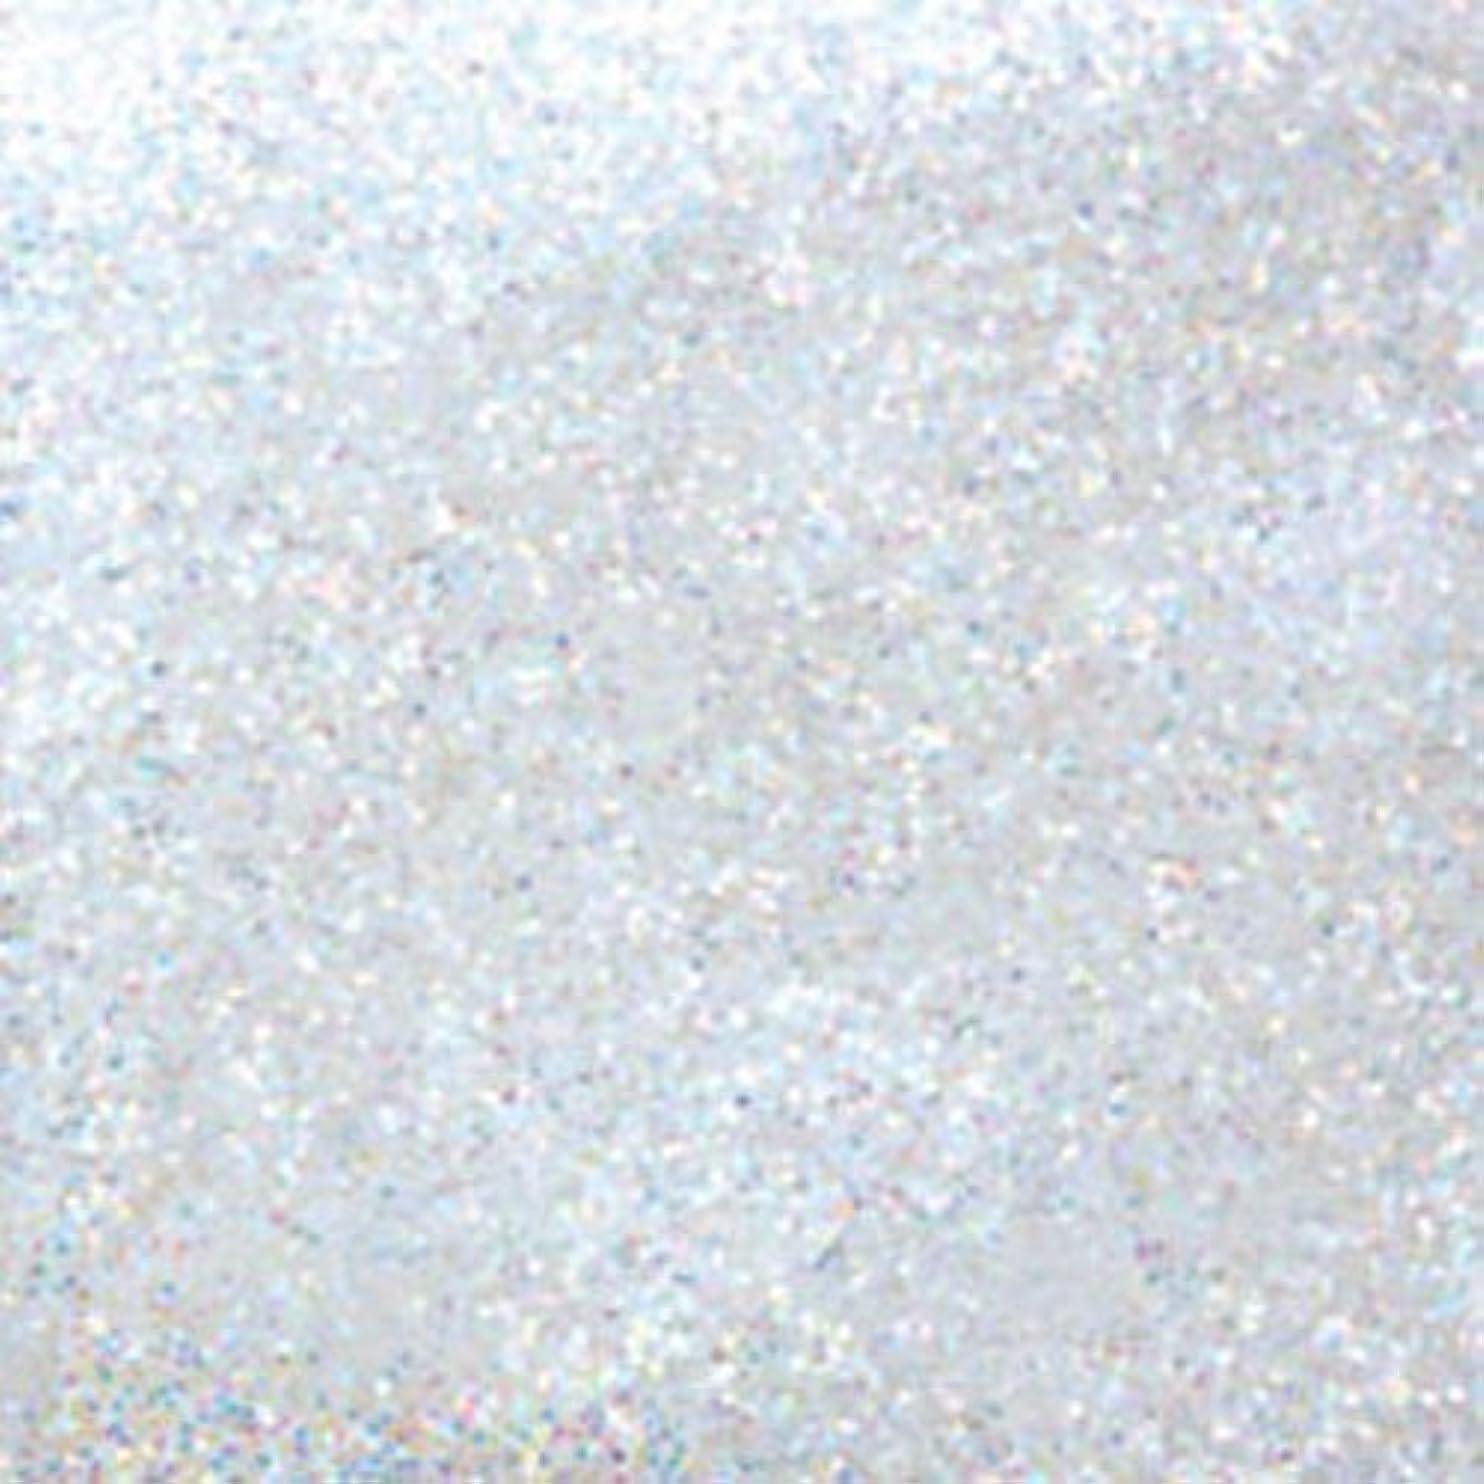 条件付きナイロン努力するピカエース ネイル用パウダー ラメカラーレインボー M #420 ホワイト 0.7g